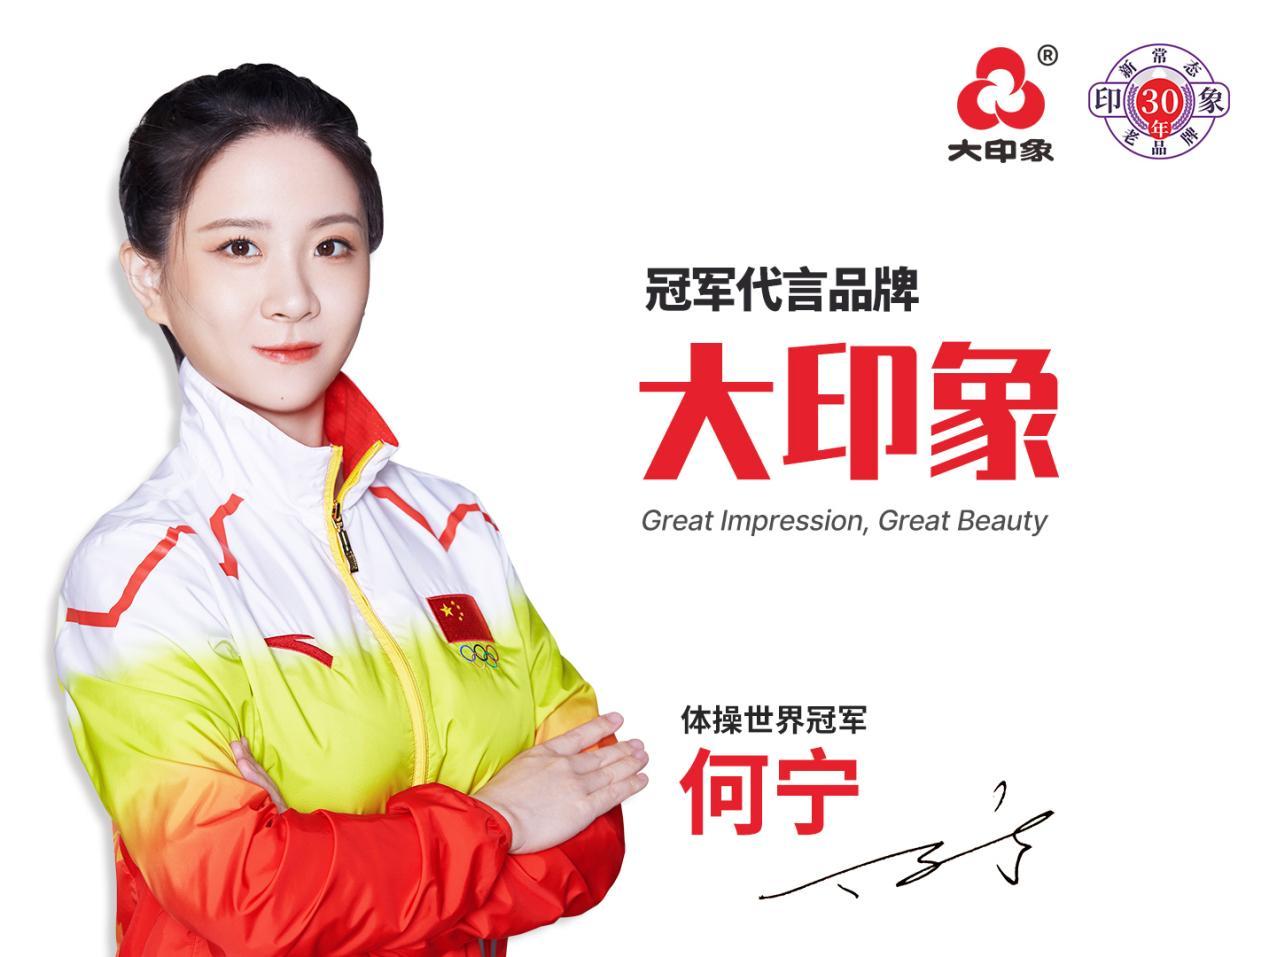 大印象生物科技官宣品牌代言人:体操世界冠军何宁